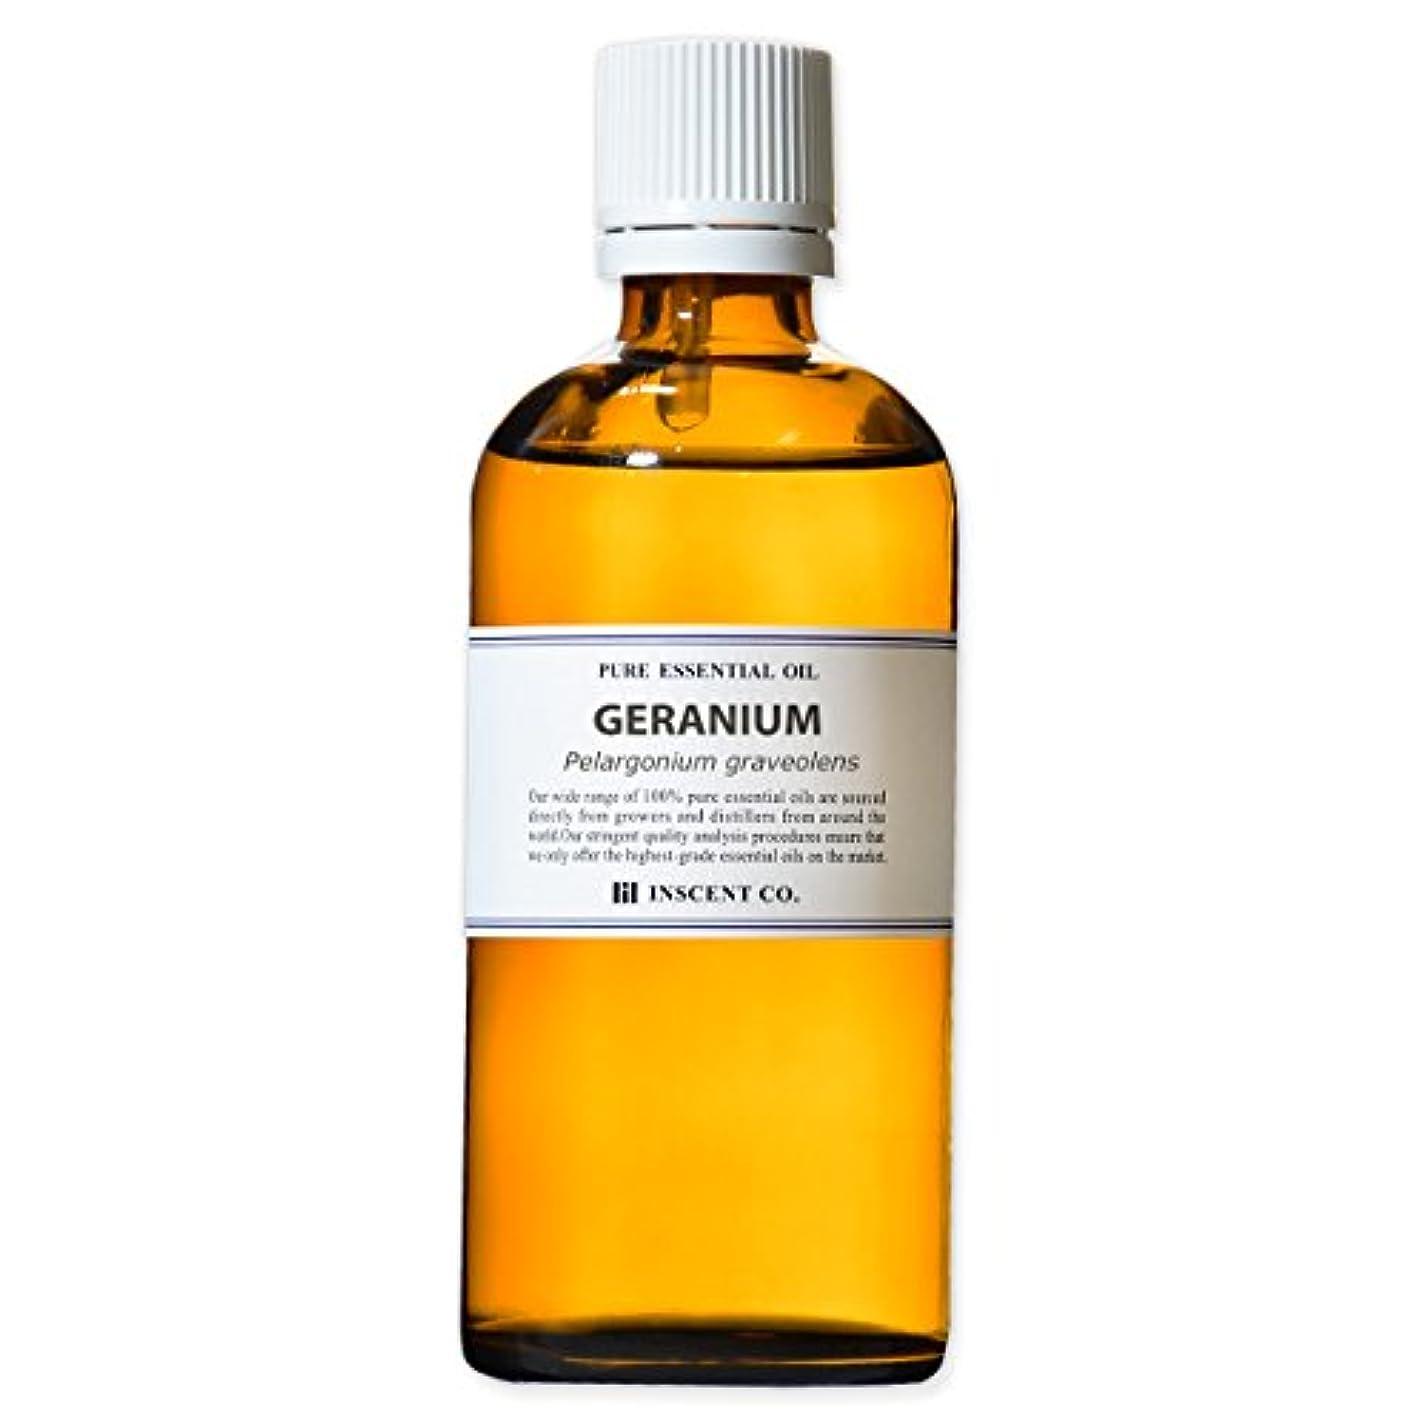 質素な大いにベテランゼラニウム 100ml インセント アロマオイル AEAJ 表示基準適合認定精油